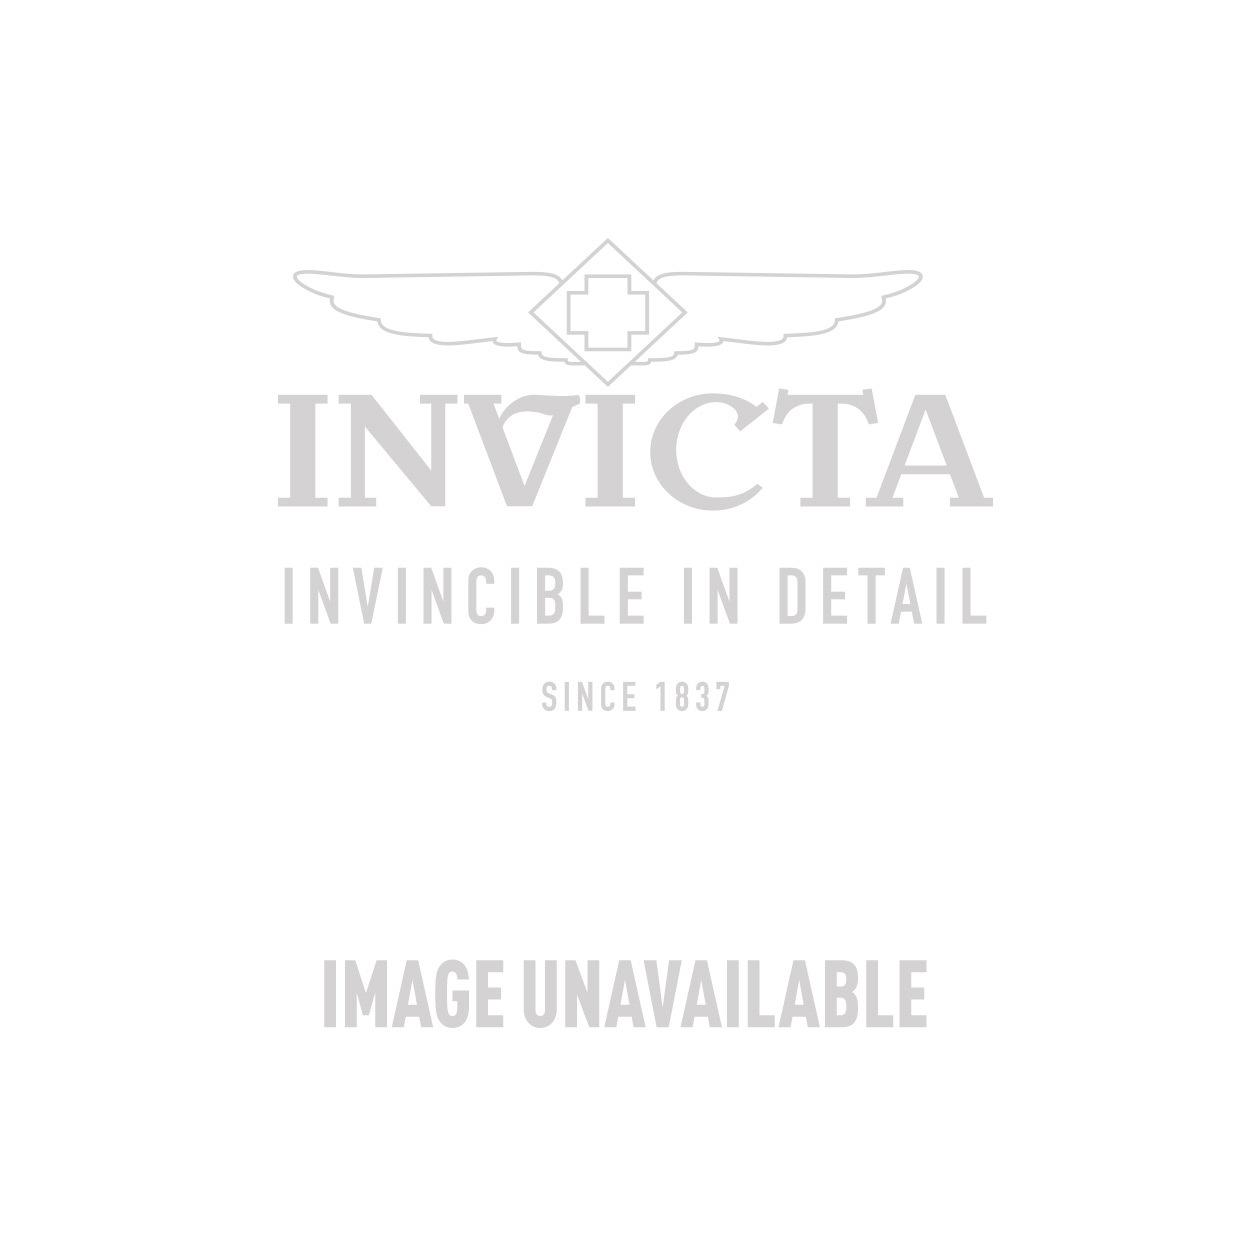 Invicta Model 24374